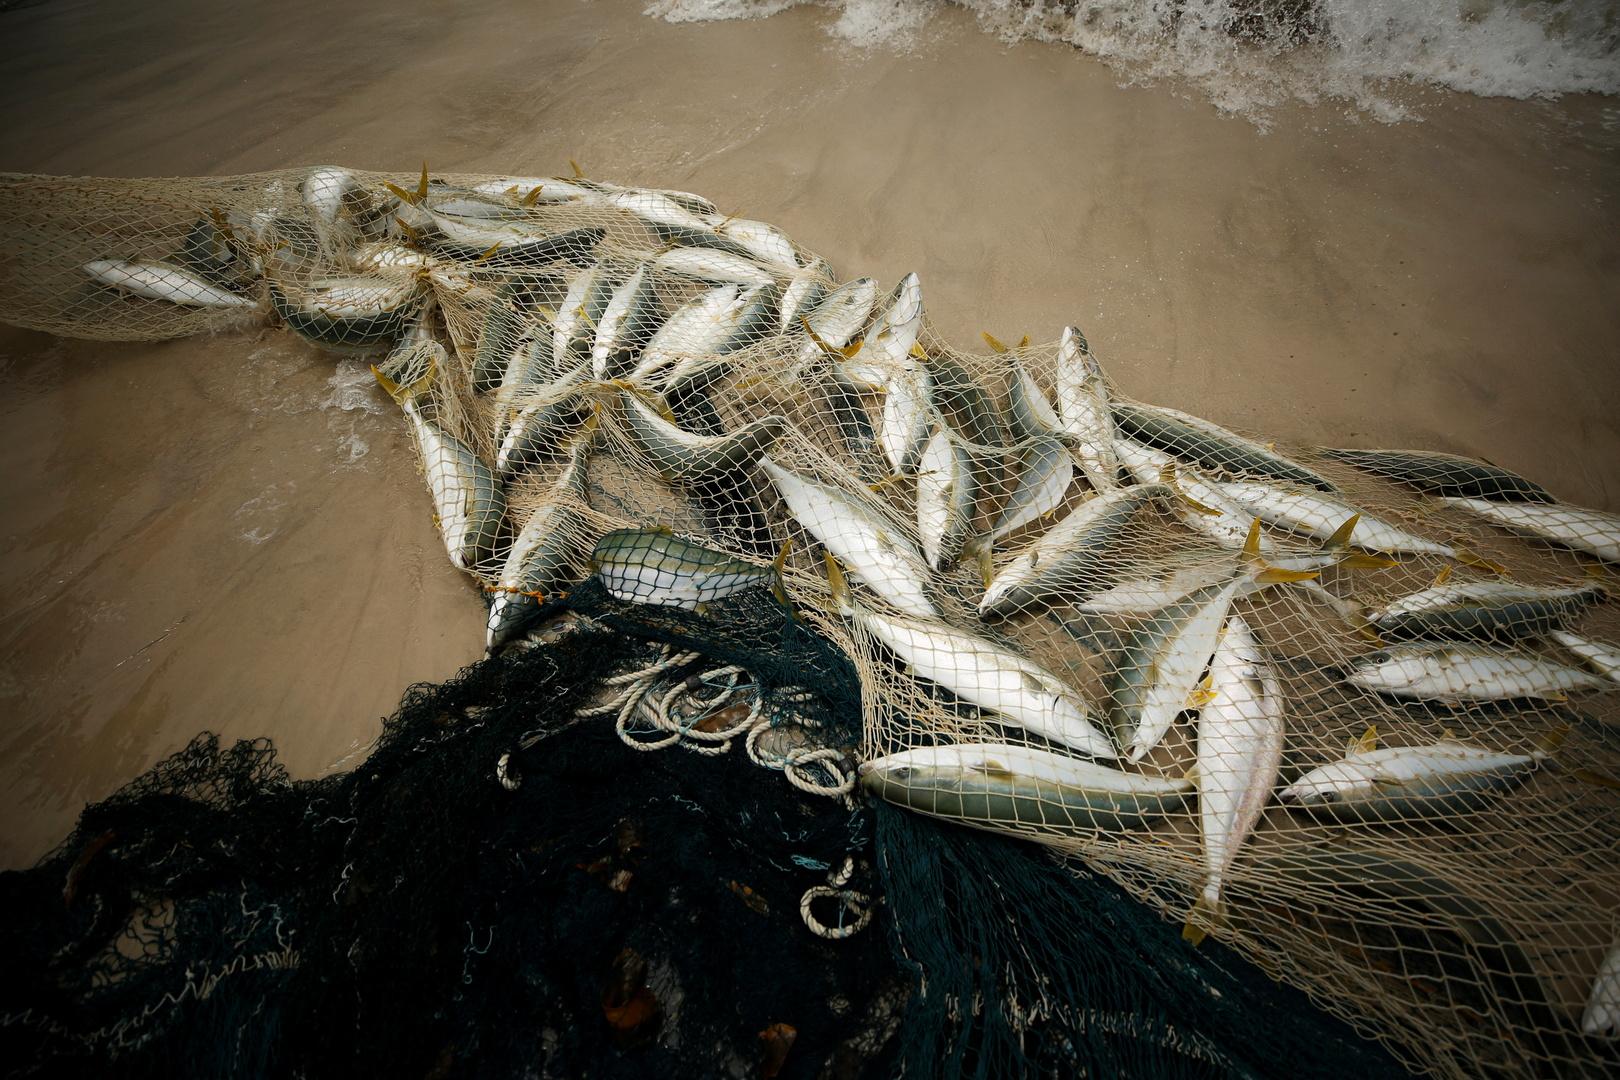 باريس تطالب بتطبيق سريع لاتفاق صيد السمك لما بعد